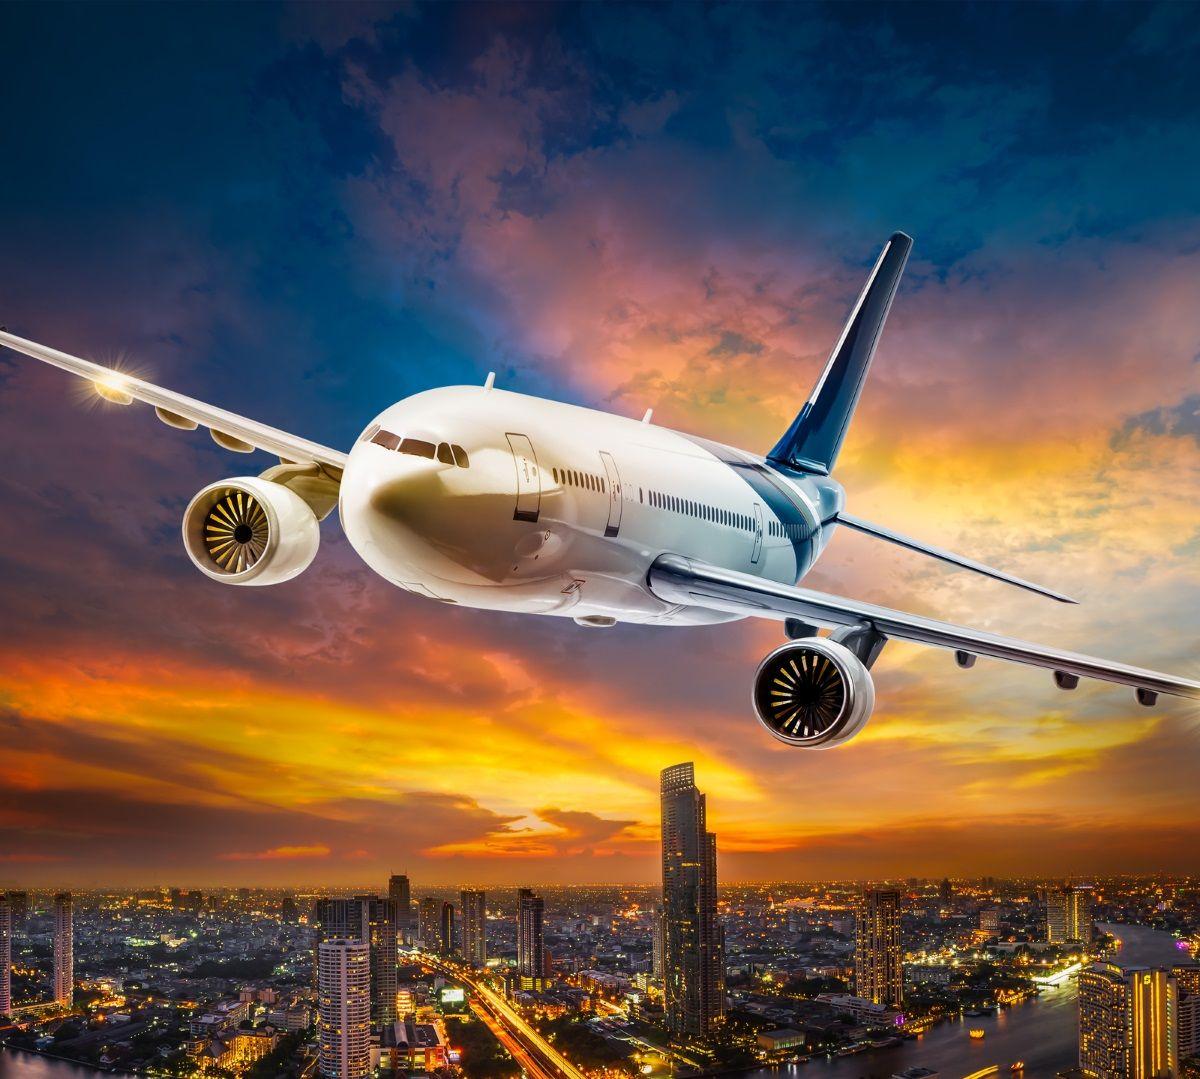 Картинки о самолетах